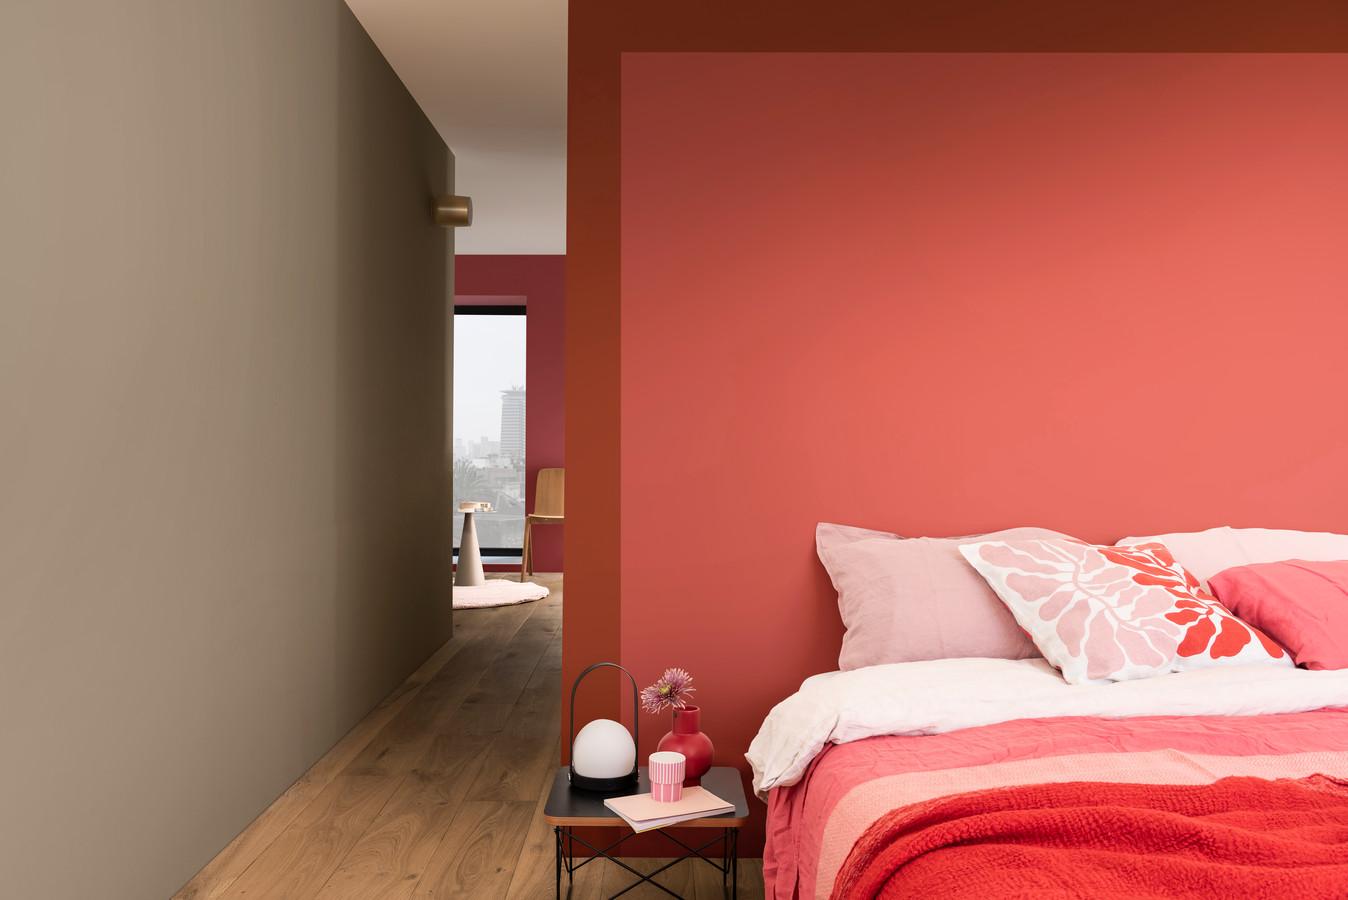 Wil je een nieuwe kleur voor een muur, neem dan spullen mee die zich al in de ruimte bevinden.